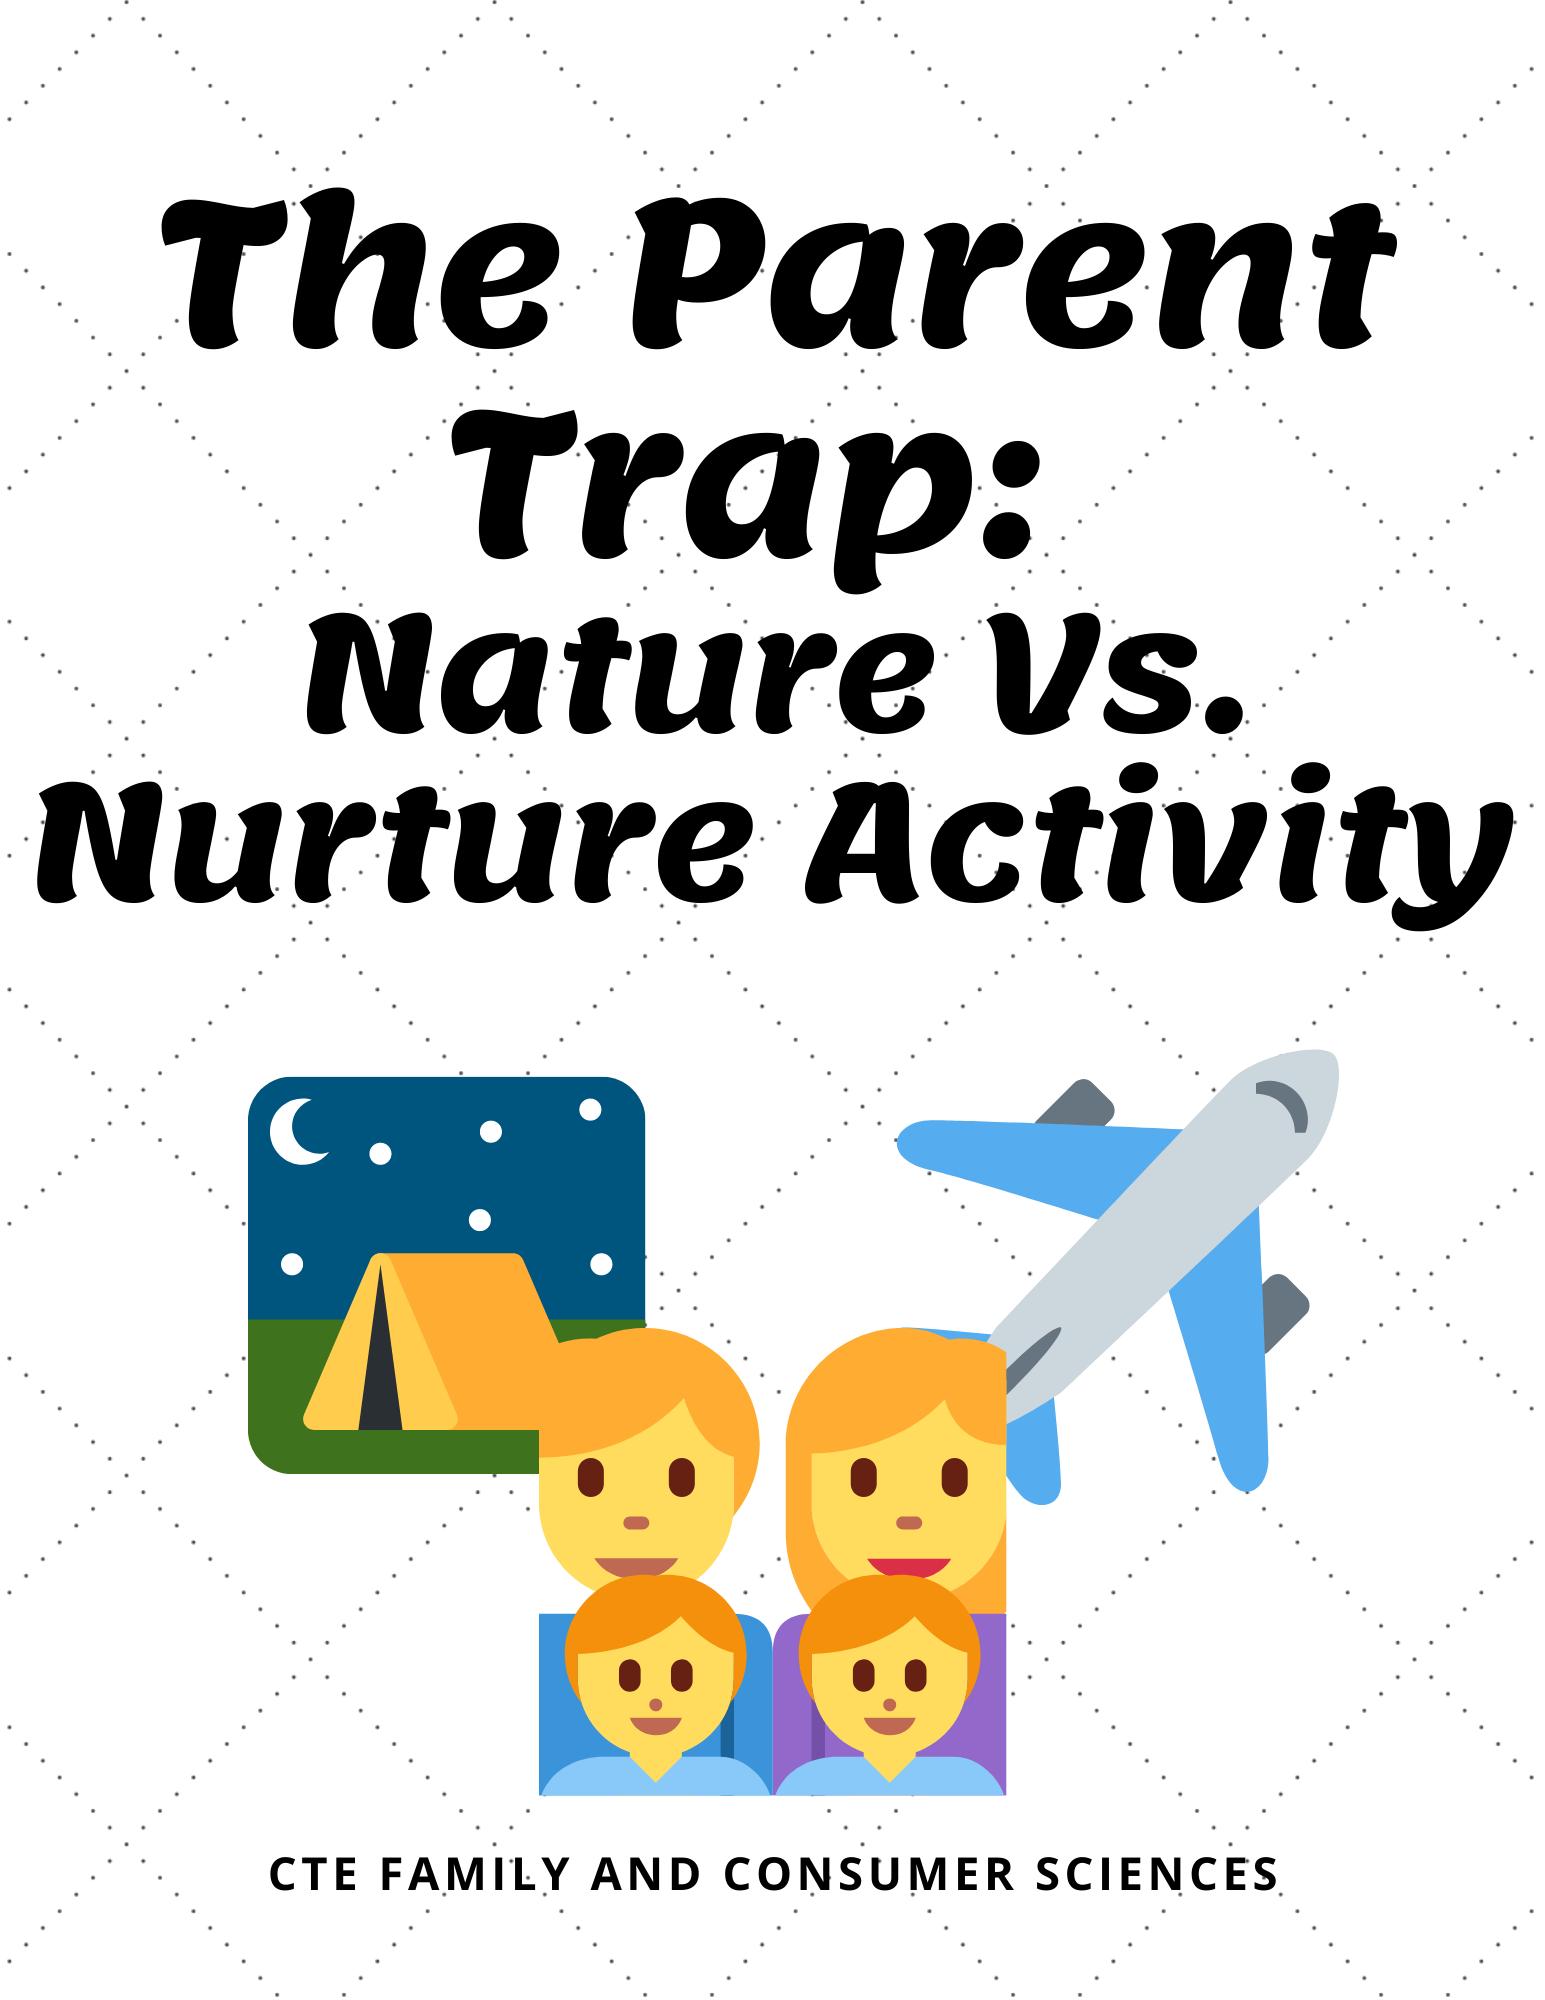 The Parent Trap Nature Vs Nurture Activity